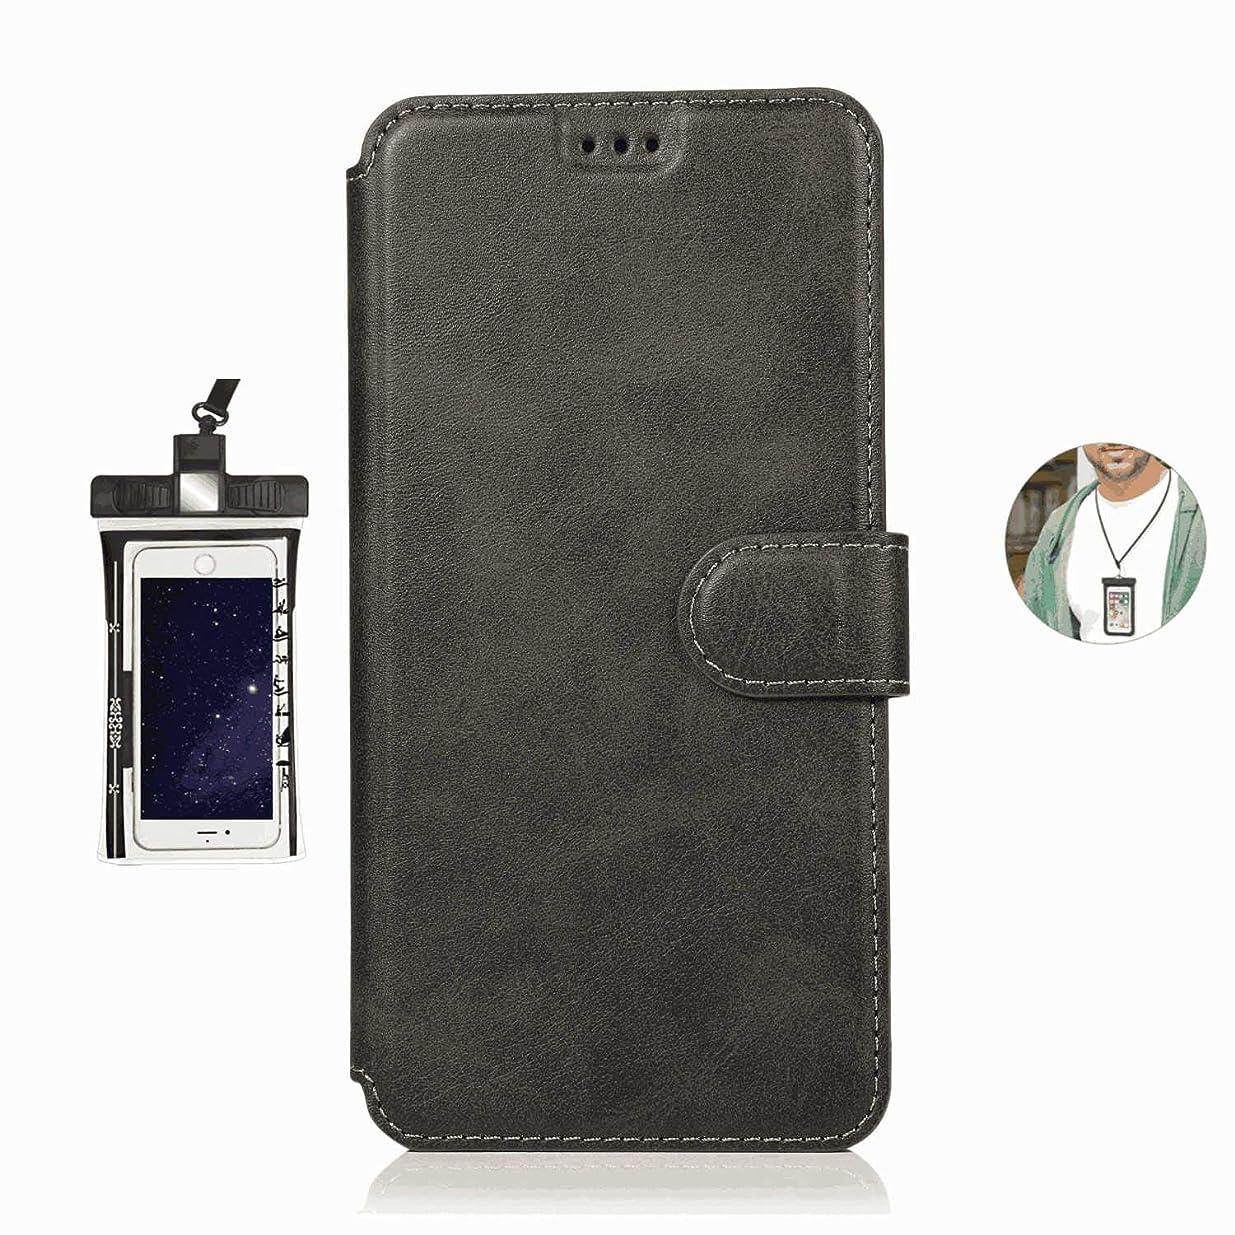 クッションペパーミント気になる耐汚れ 手帳型 アイフォン iPhone 7 Plus プラス ケース レザー スマホケース 財布型 本革 カバー収納